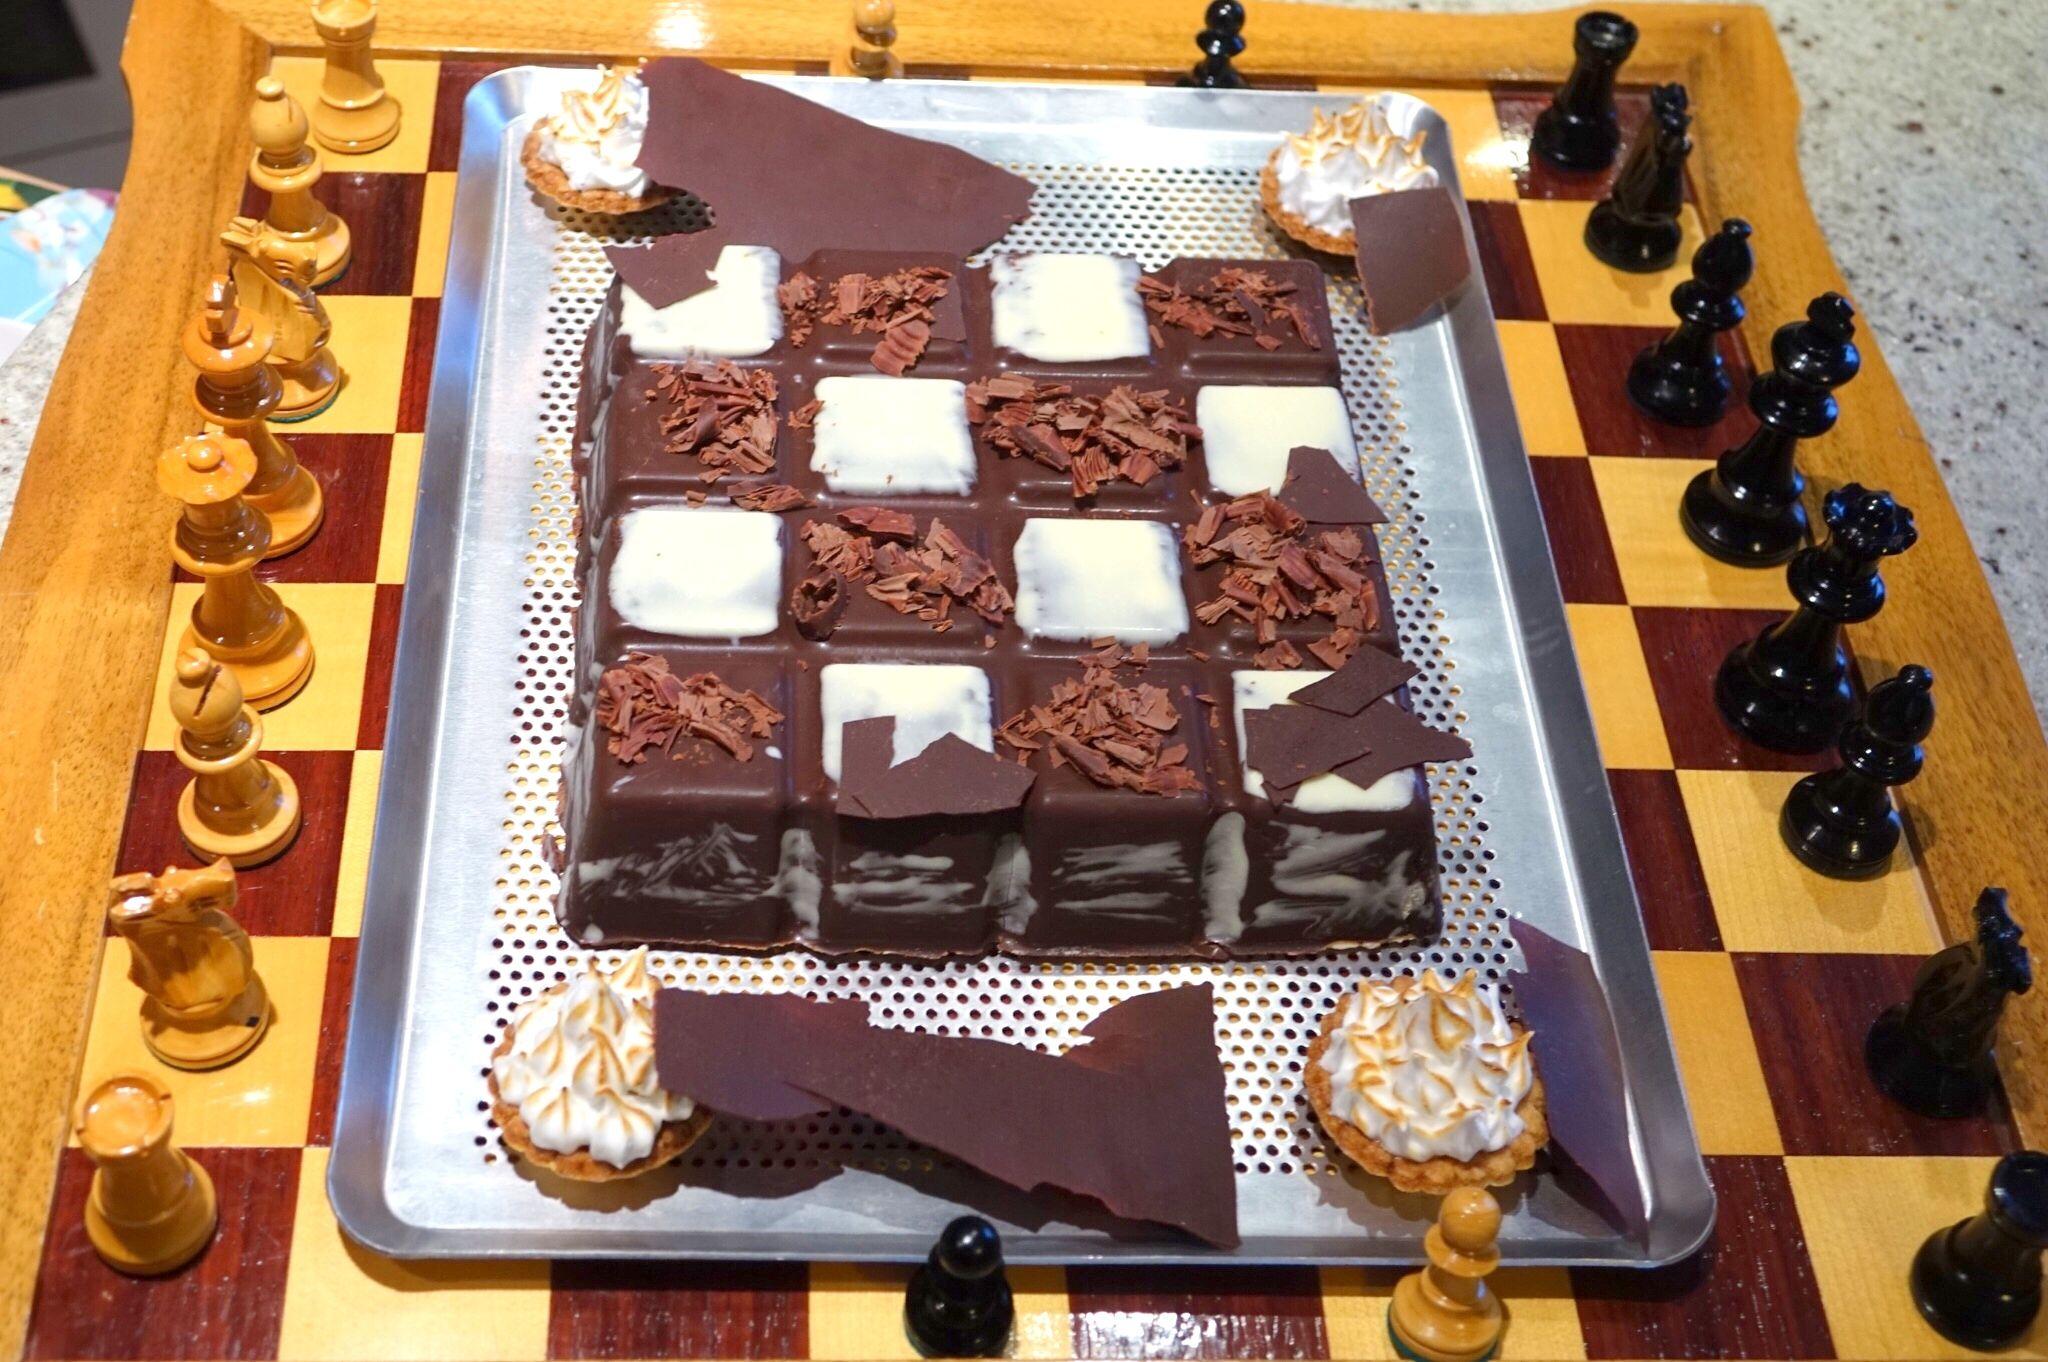 echiquier crousti fondant au chocolat moule tablette de chocolat guy demarle coque chocolat. Black Bedroom Furniture Sets. Home Design Ideas